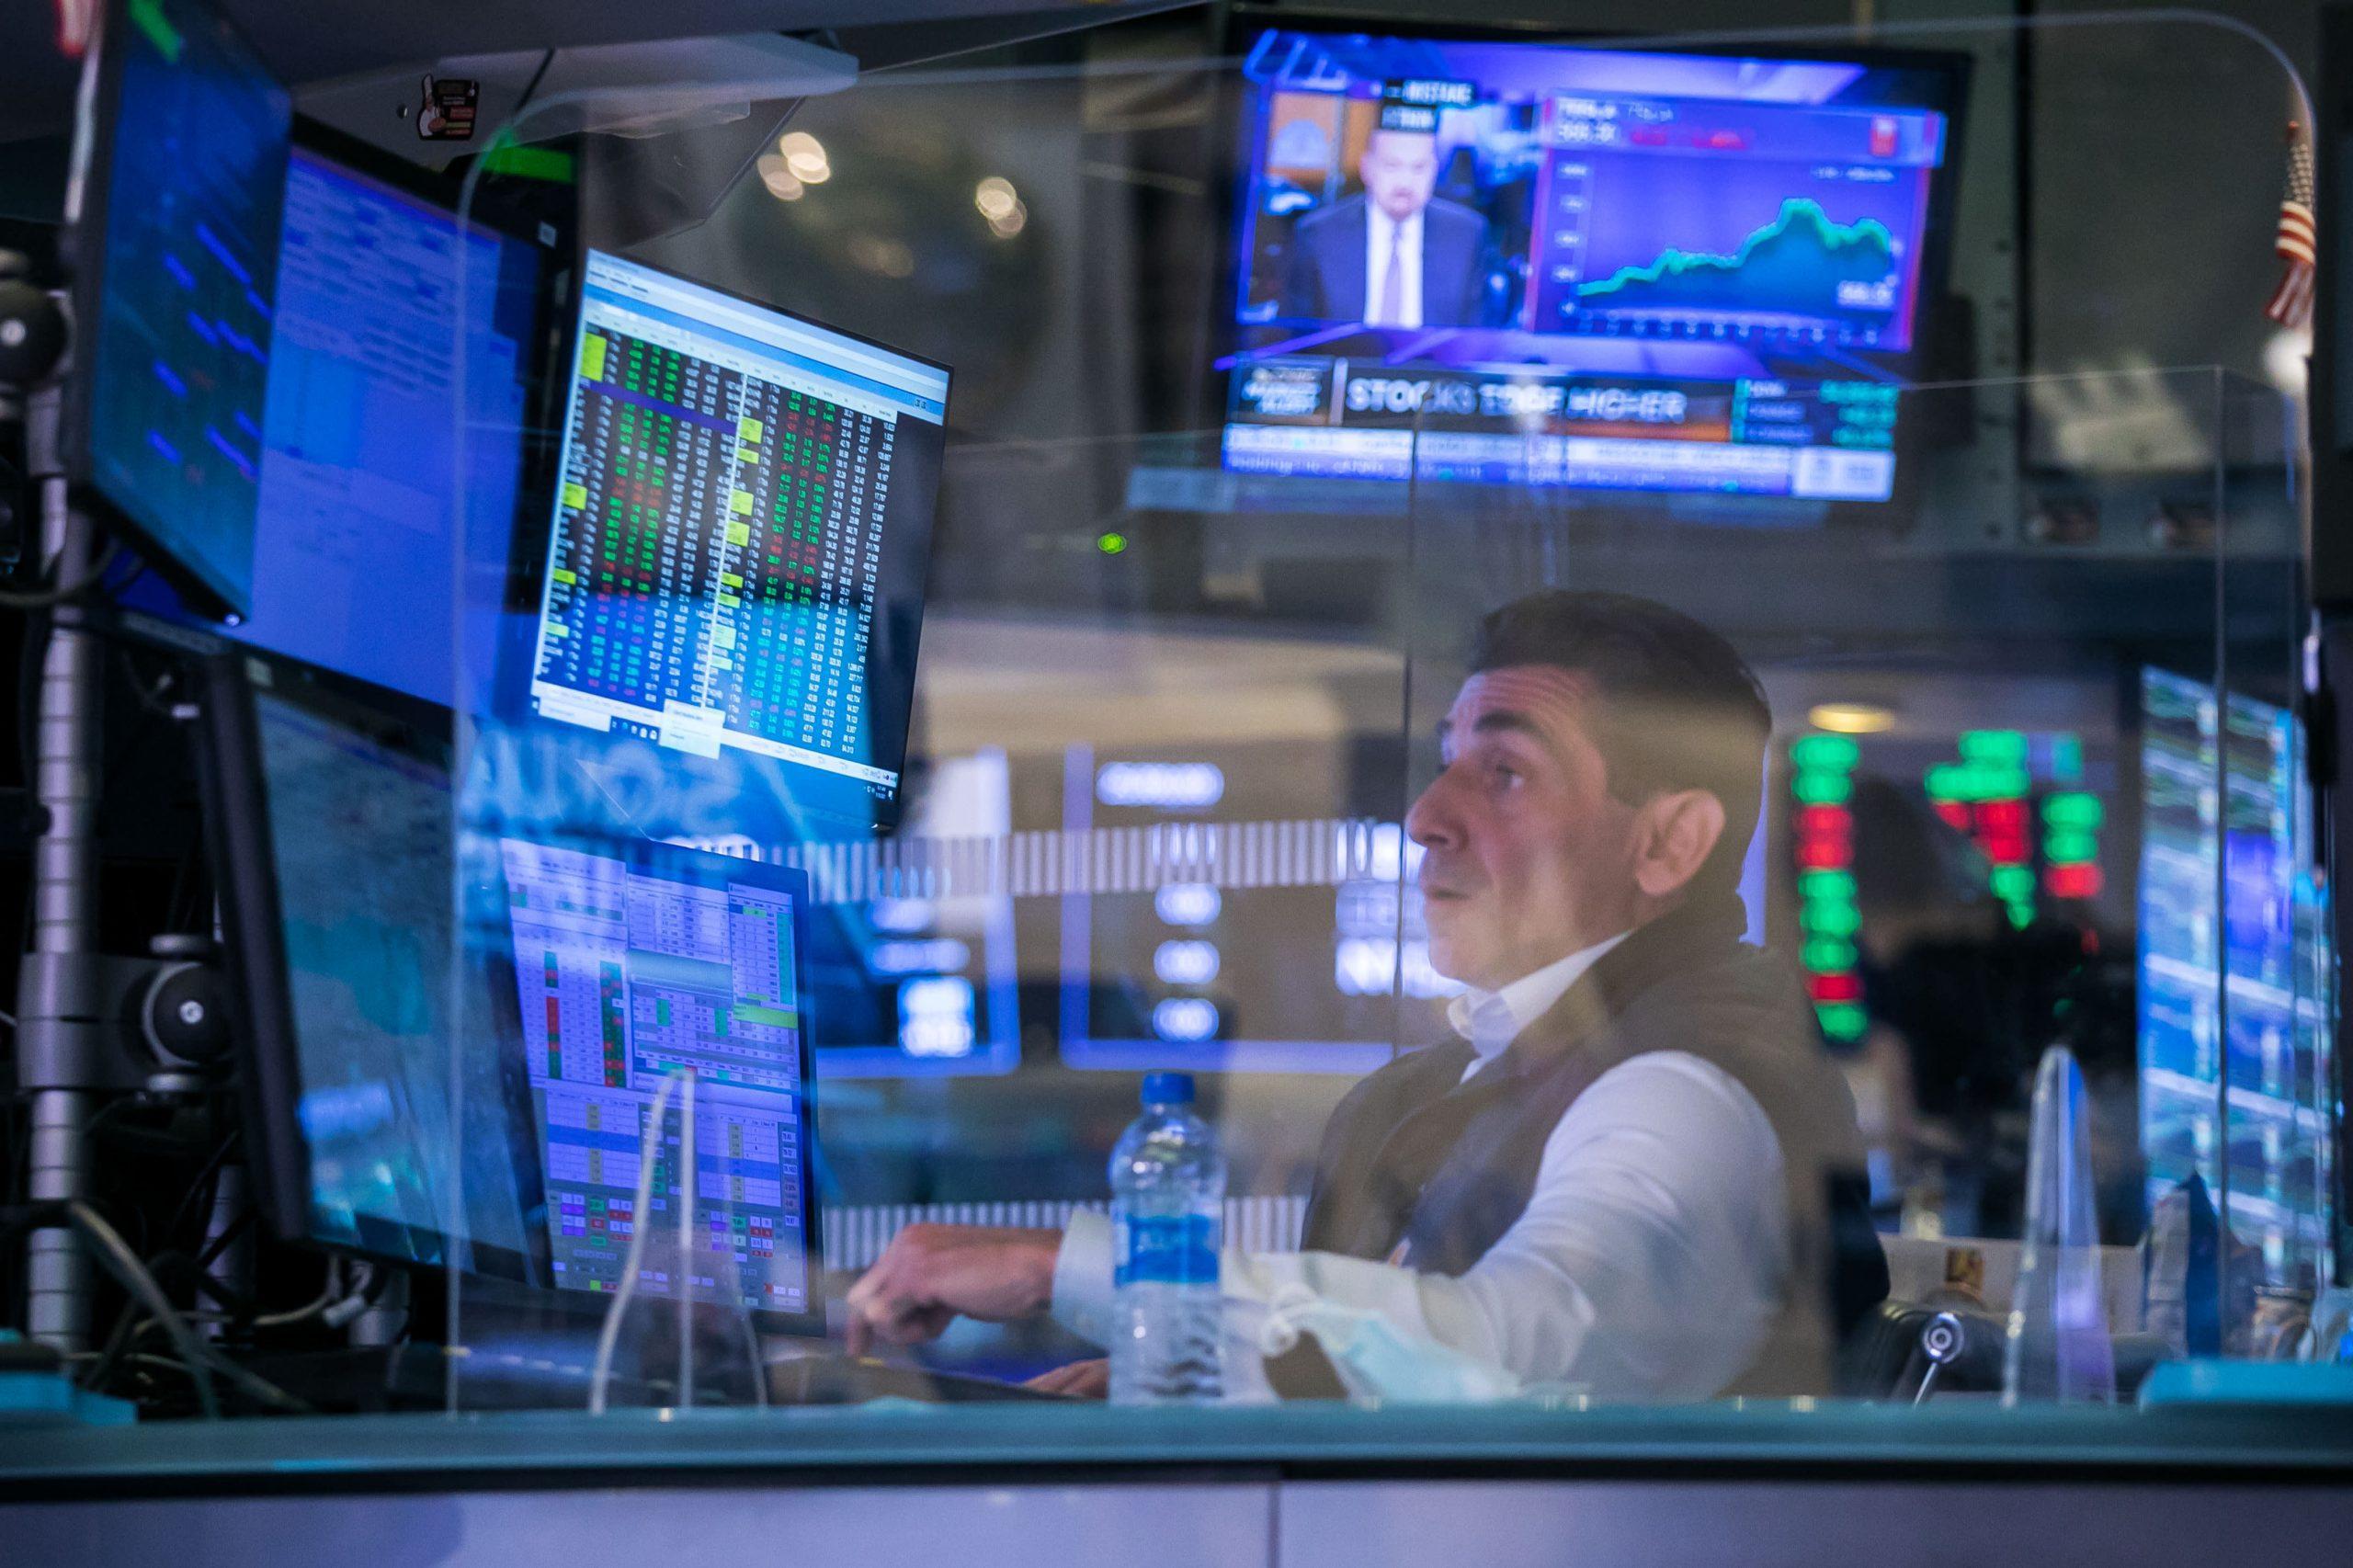 Los futuros de acciones se mantienen planos ya que el S&P 500 se mantiene en un rango cercano al récord